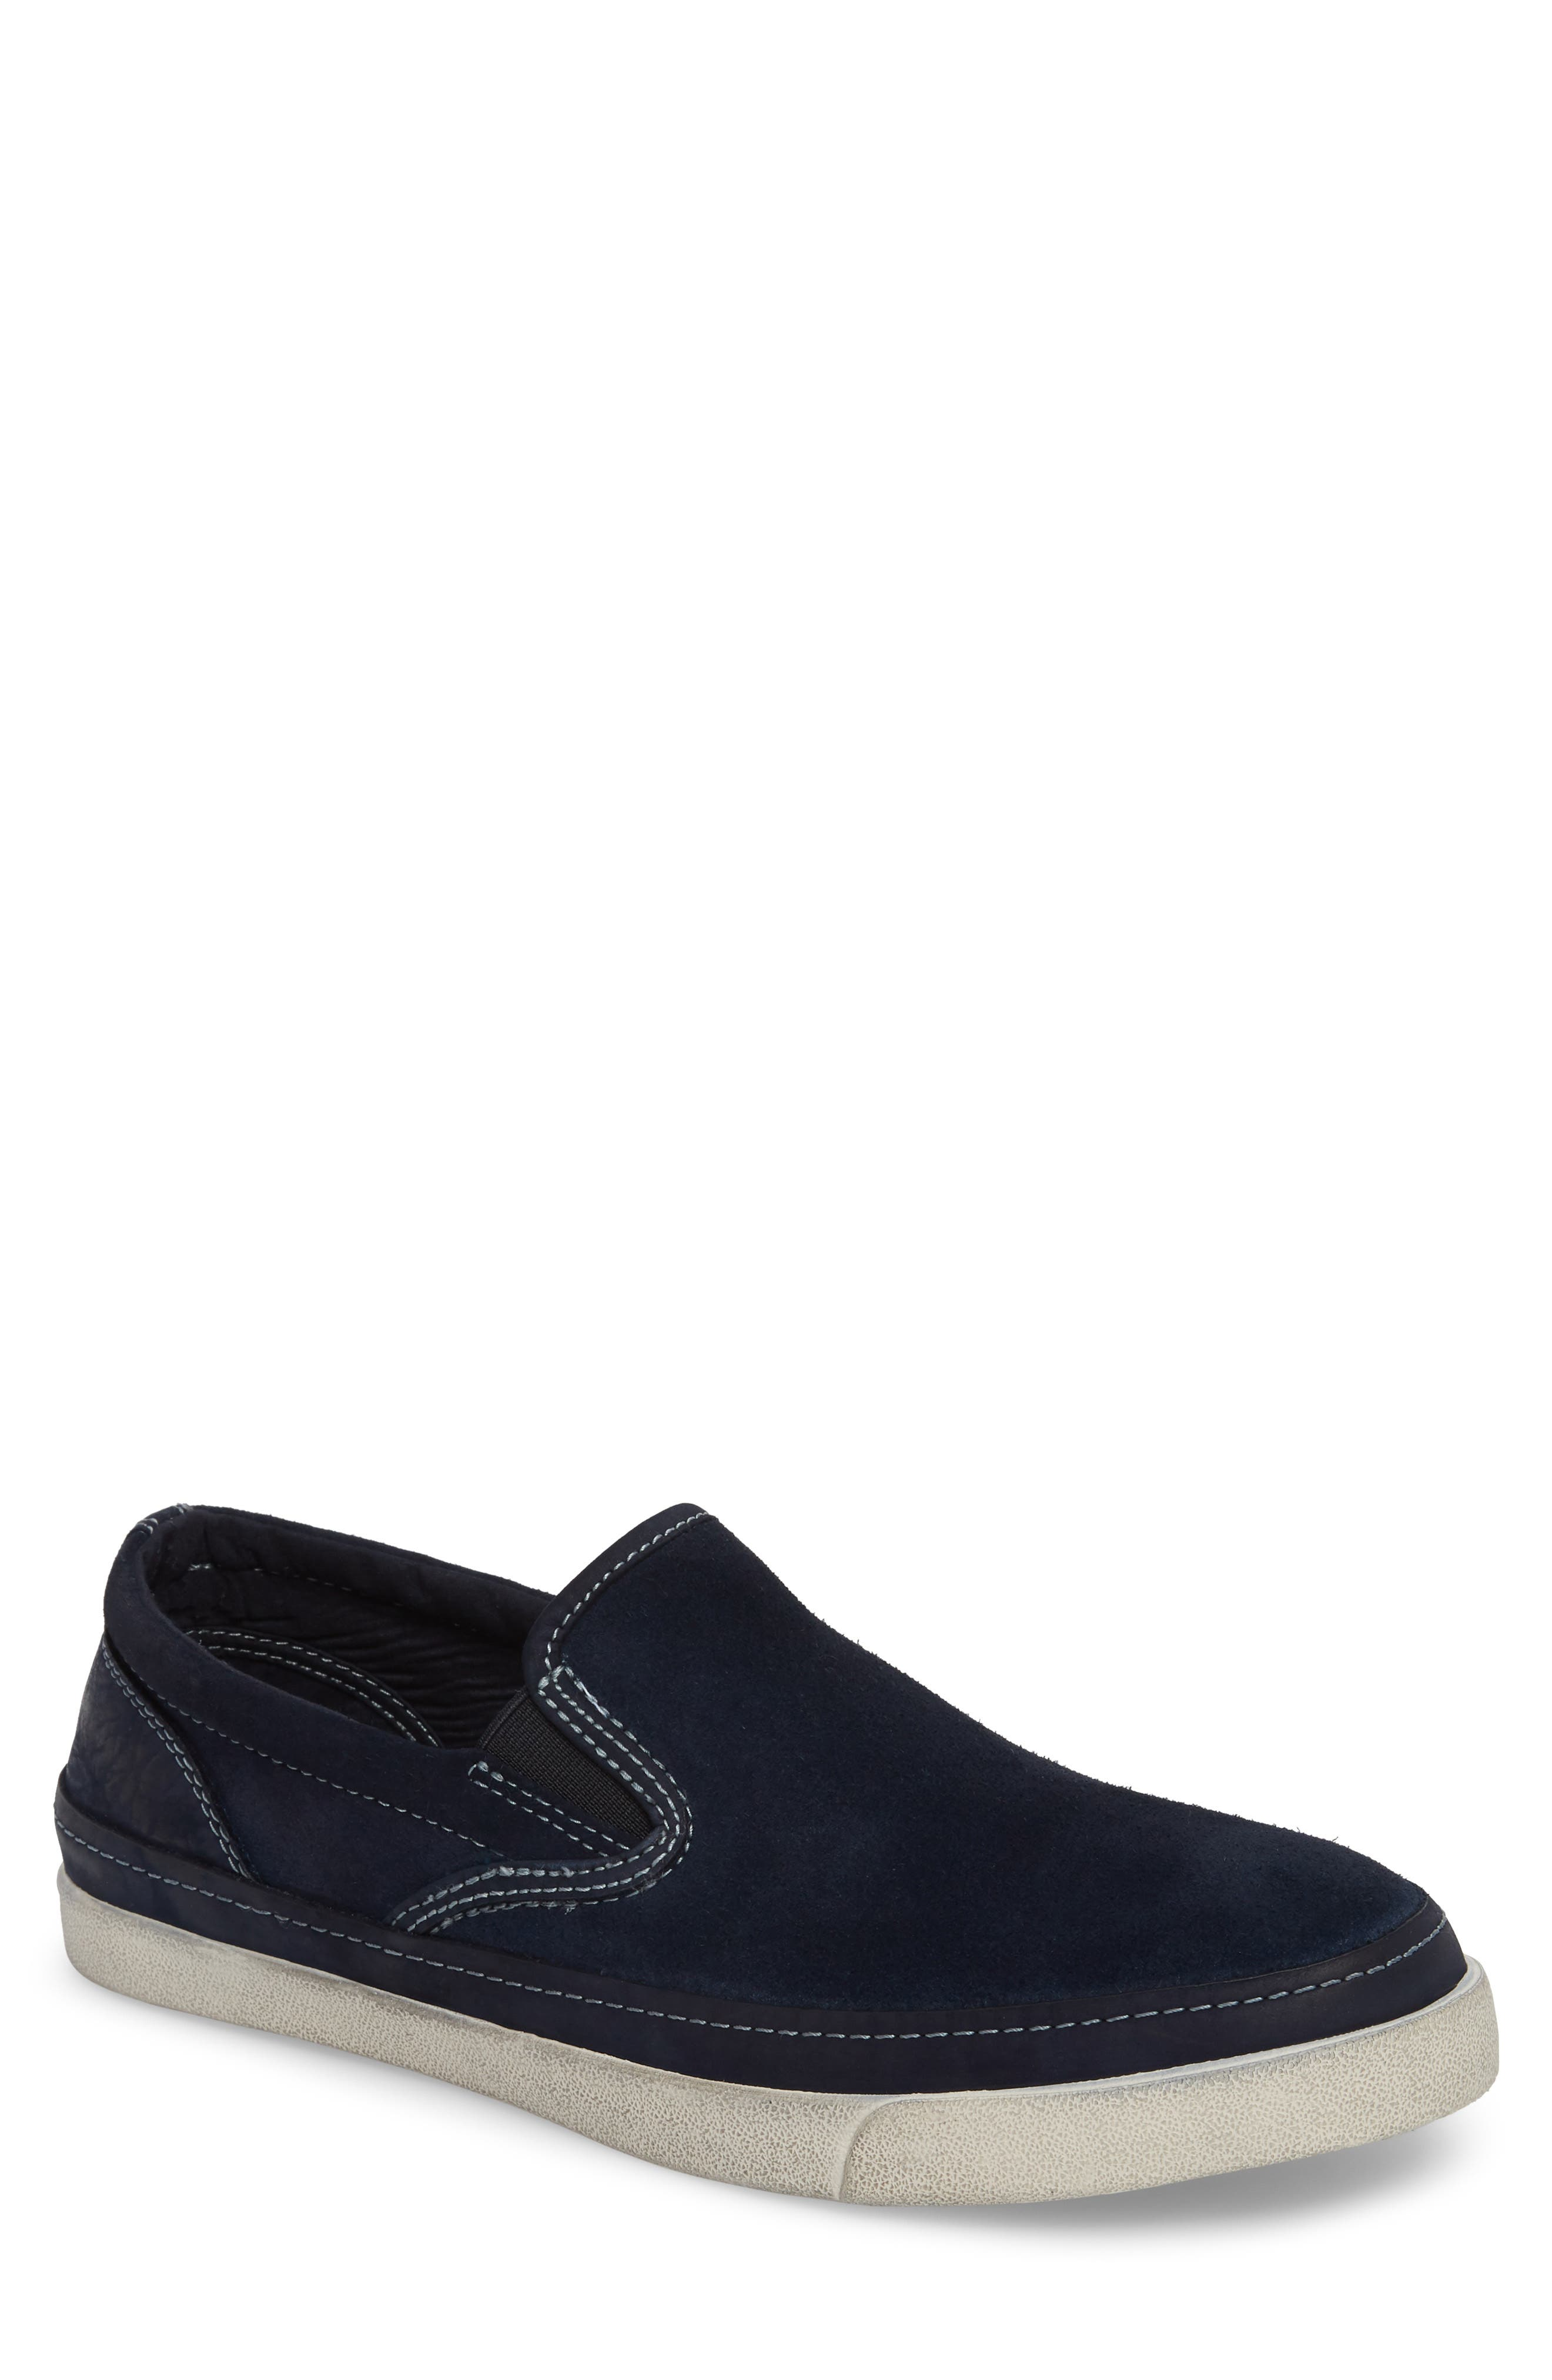 Jett Slip-On Sneaker,                         Main,                         color, MIDNIGHT